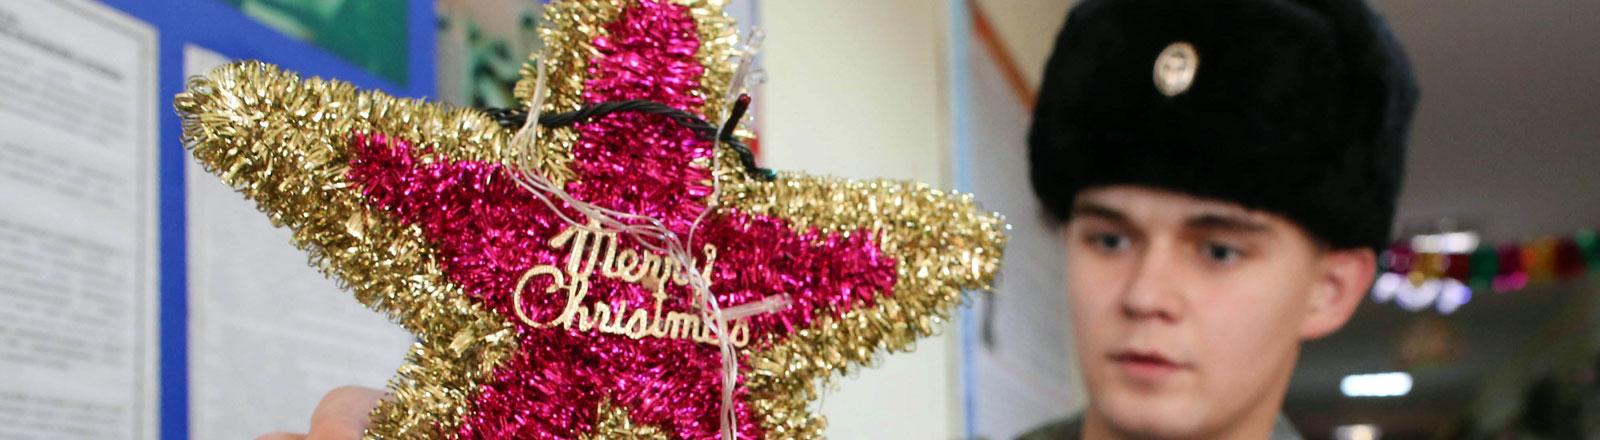 Ein russischer Mann dekoriert einen Weihnachtsbaum.